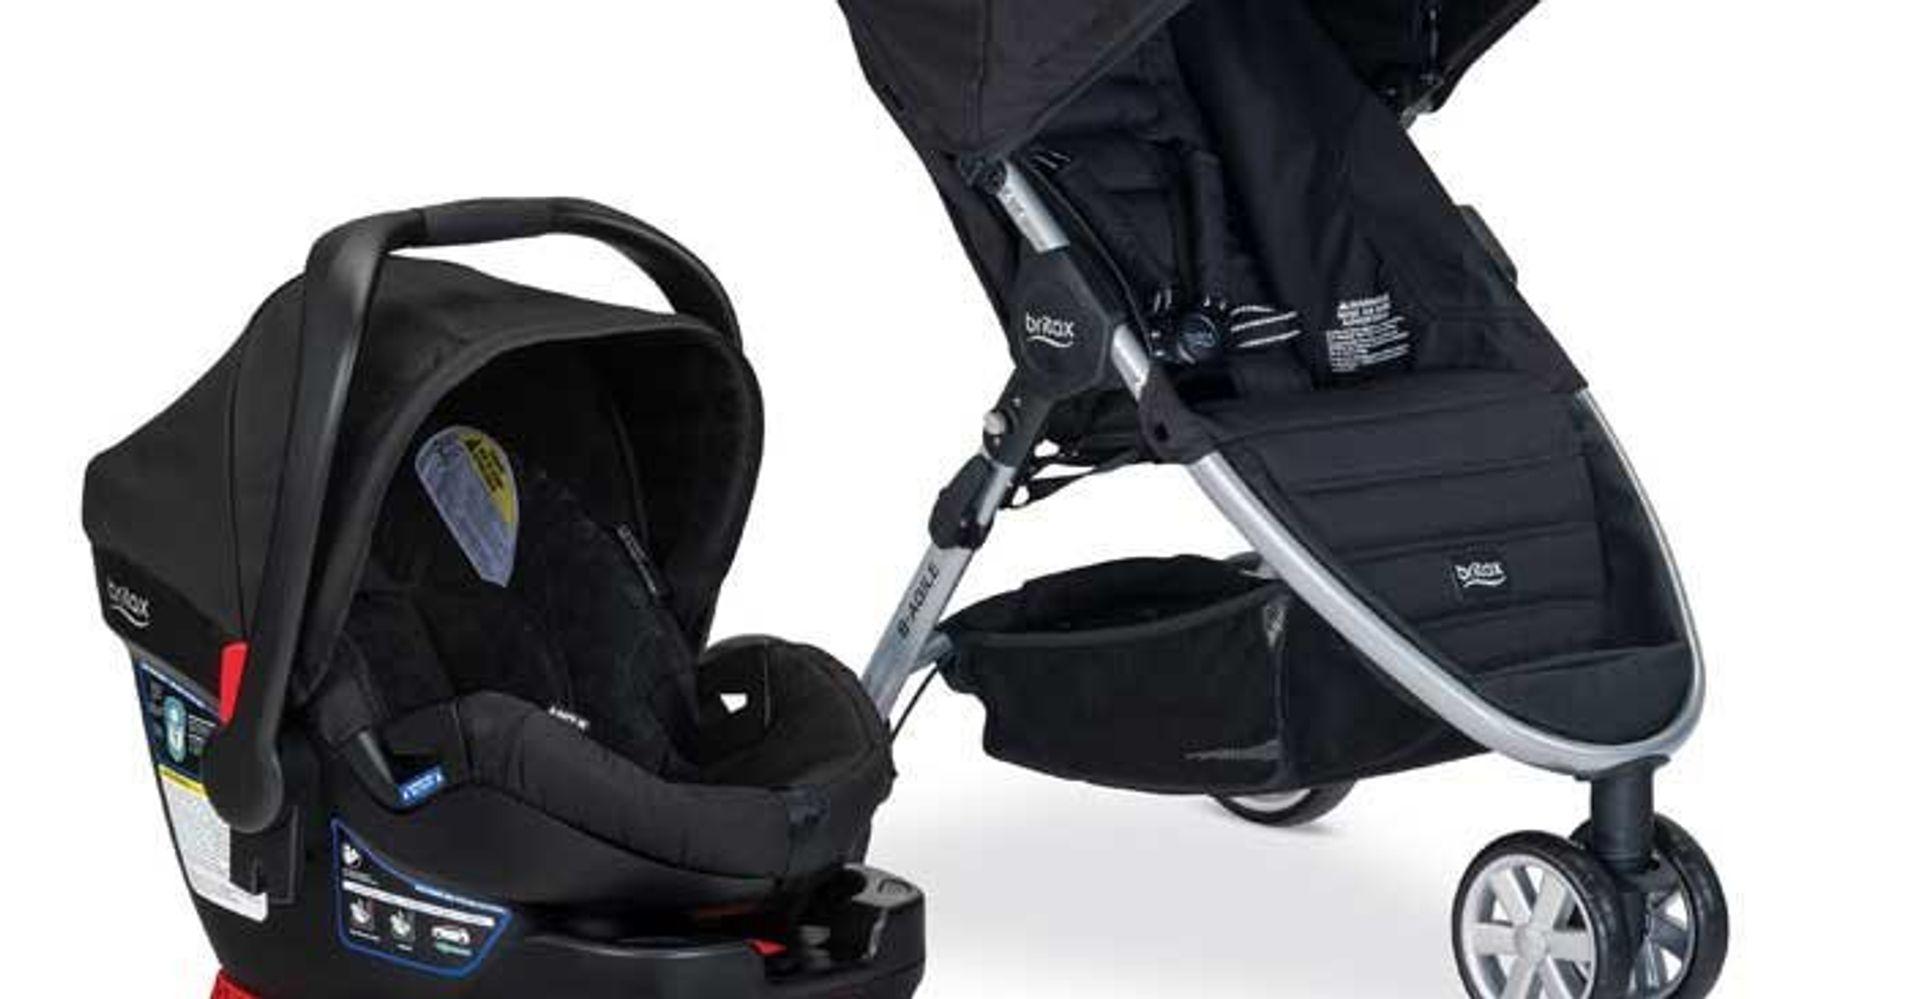 Britax Infant Car Seats Canada